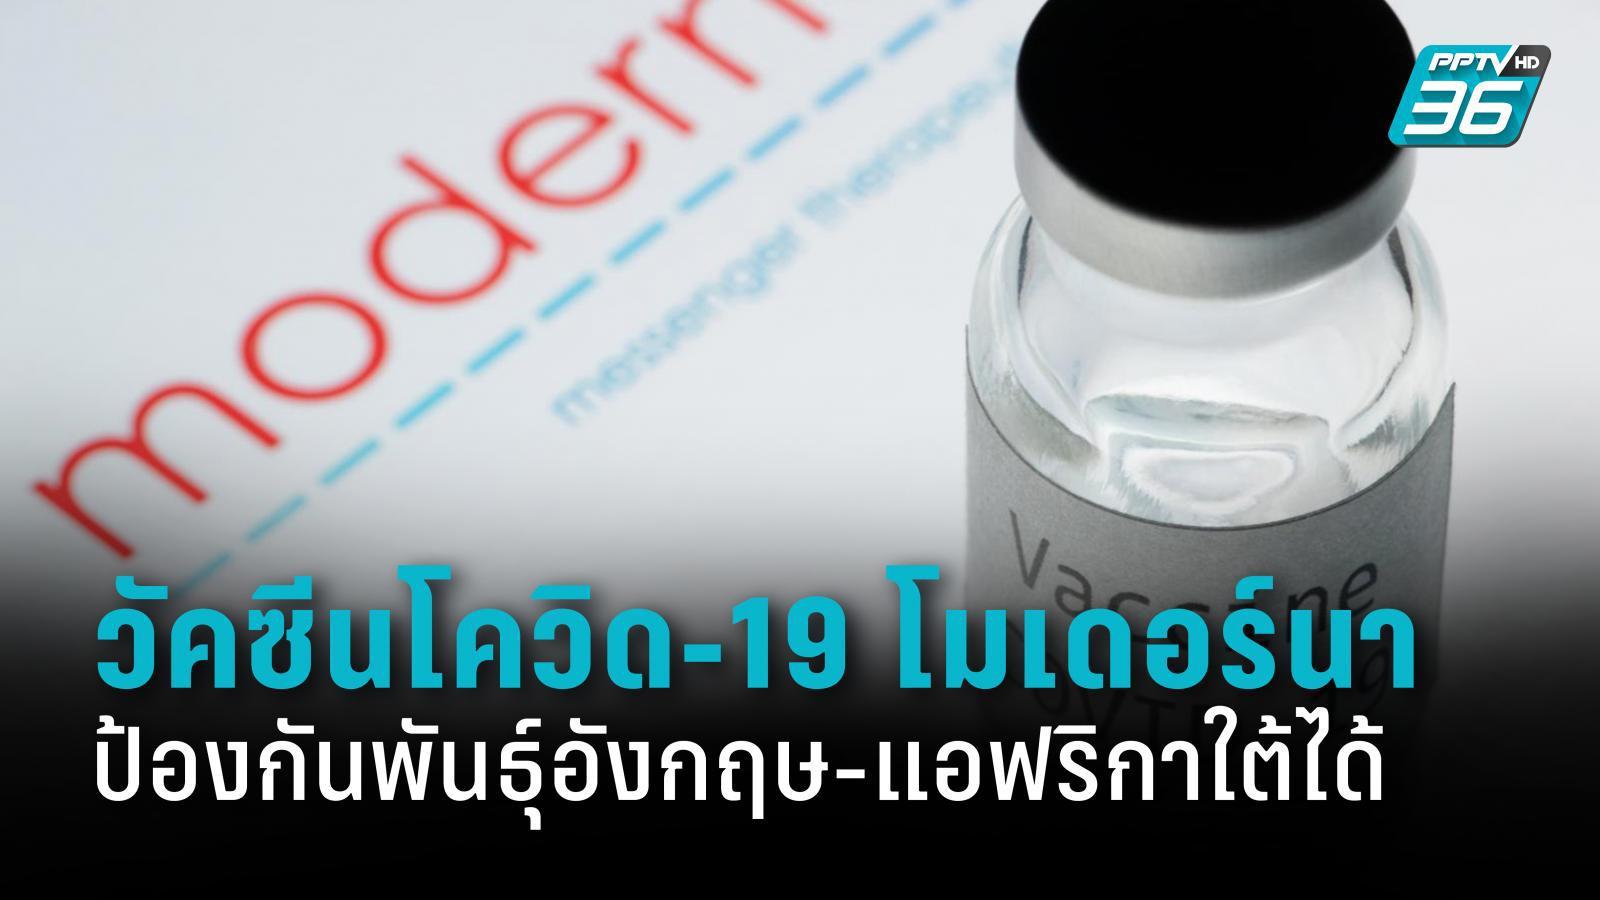 โมเดอร์นาเผย วัคซีนของตนป้องกันโควิด-19 สายพันธุ์อังกฤษและแอฟริกาใต้ได้